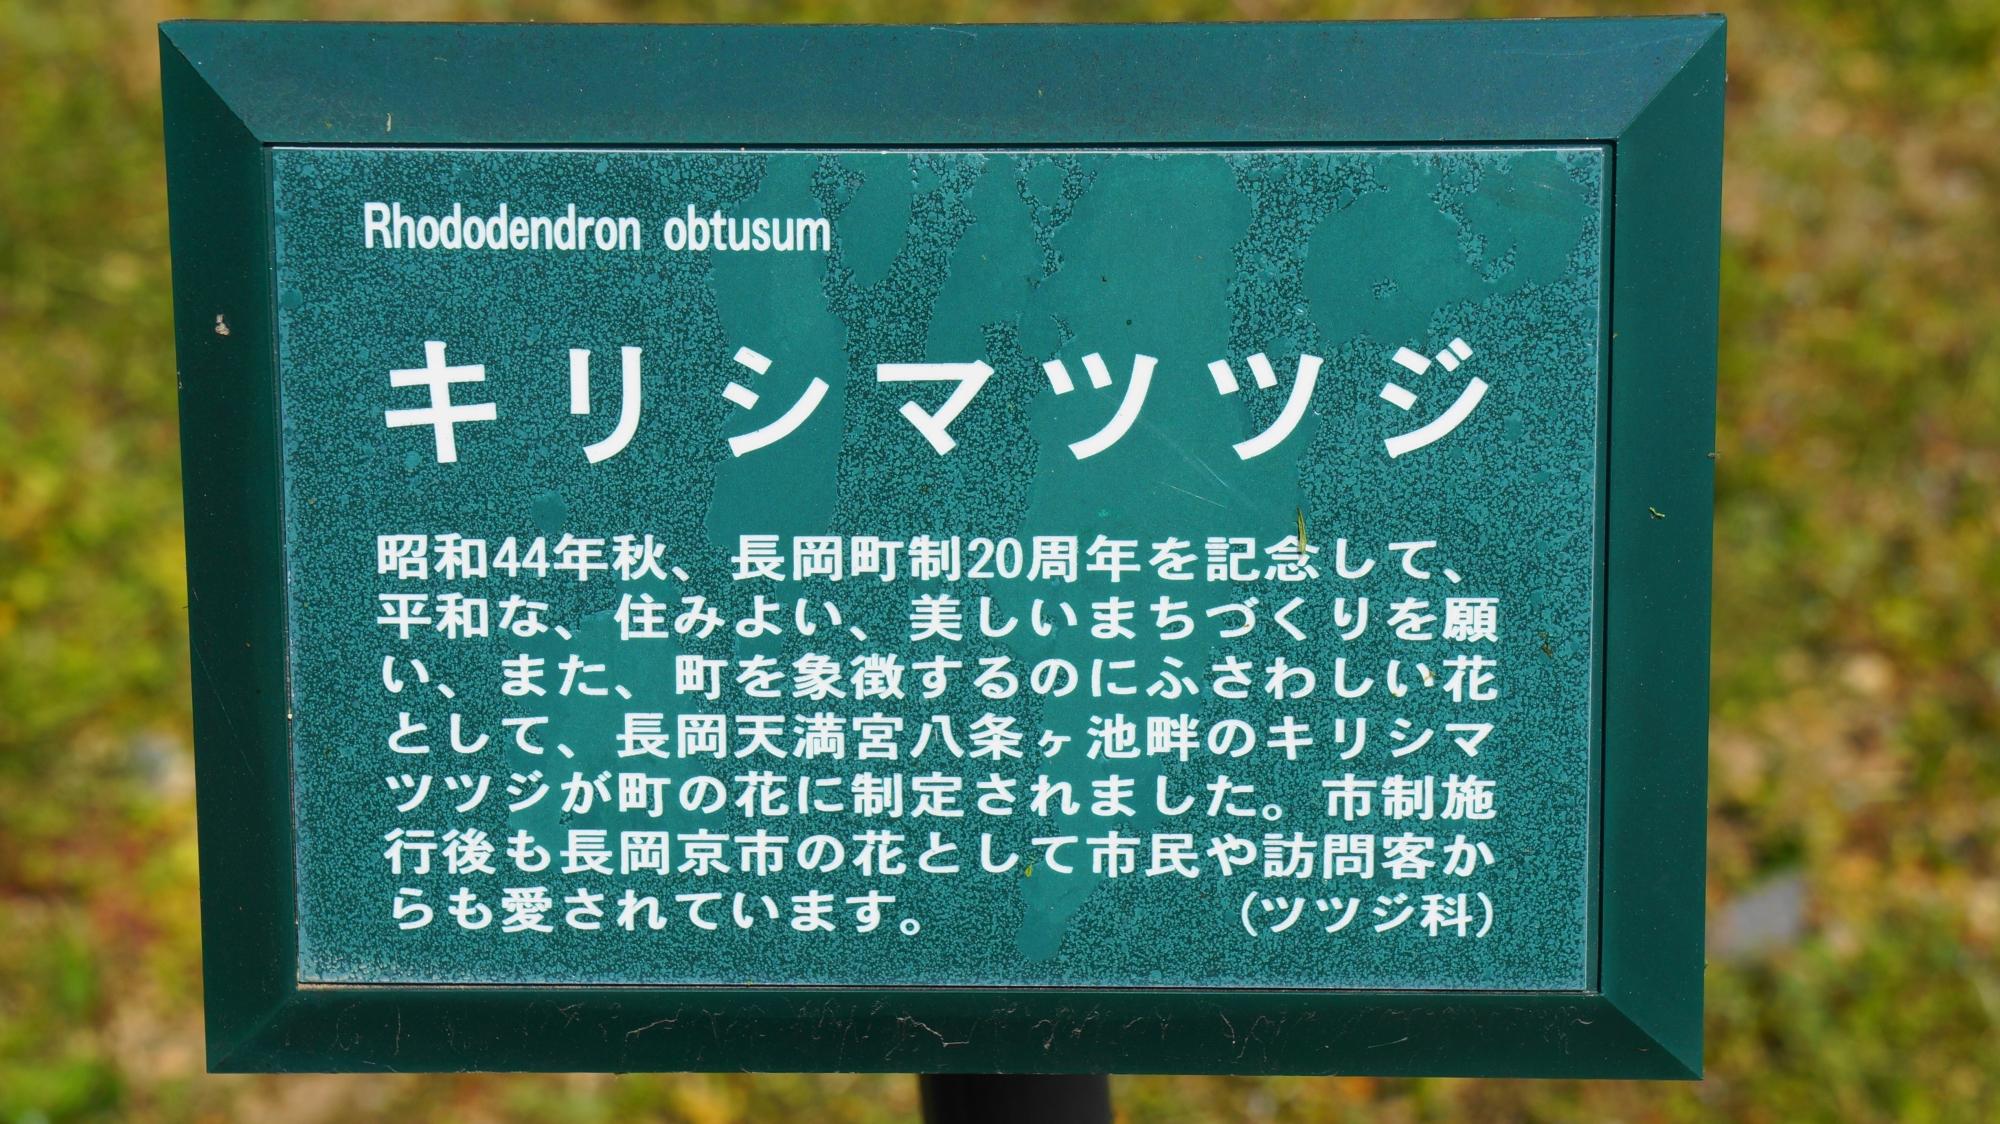 霧島躑躅(キリシマツツジ)の説明